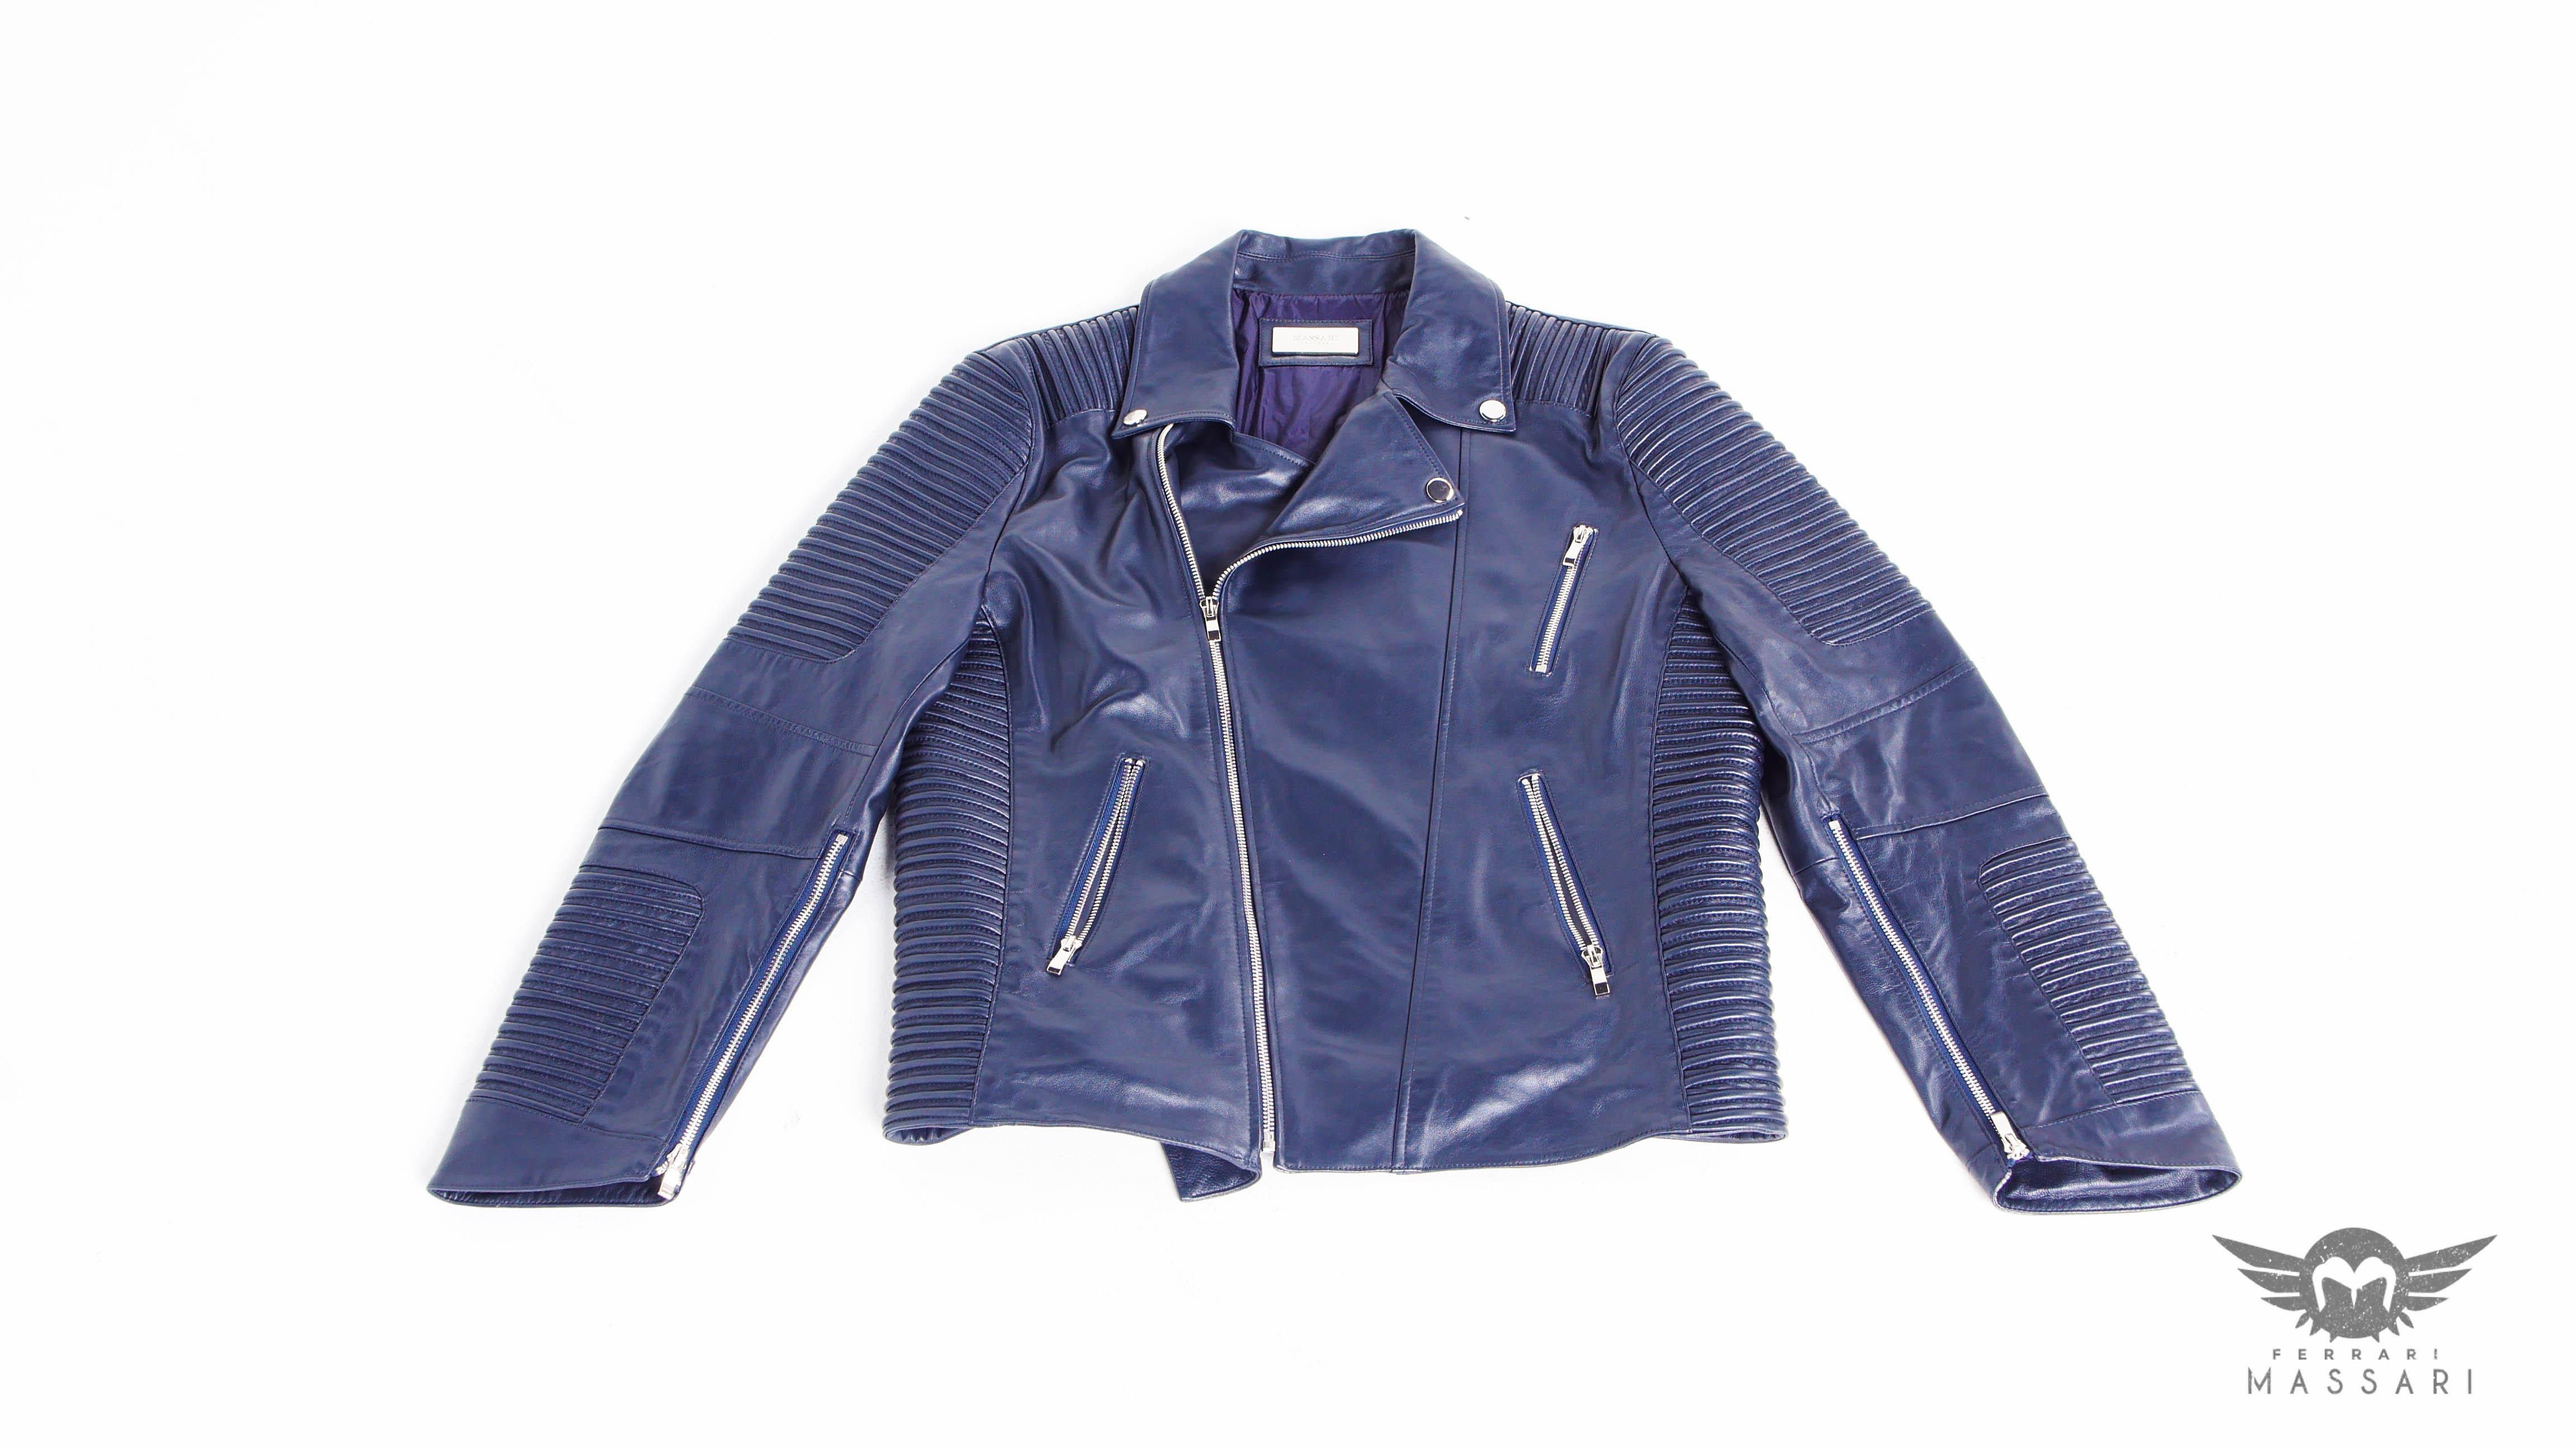 Gods slave biker jacket in navy – Ferrari Massari